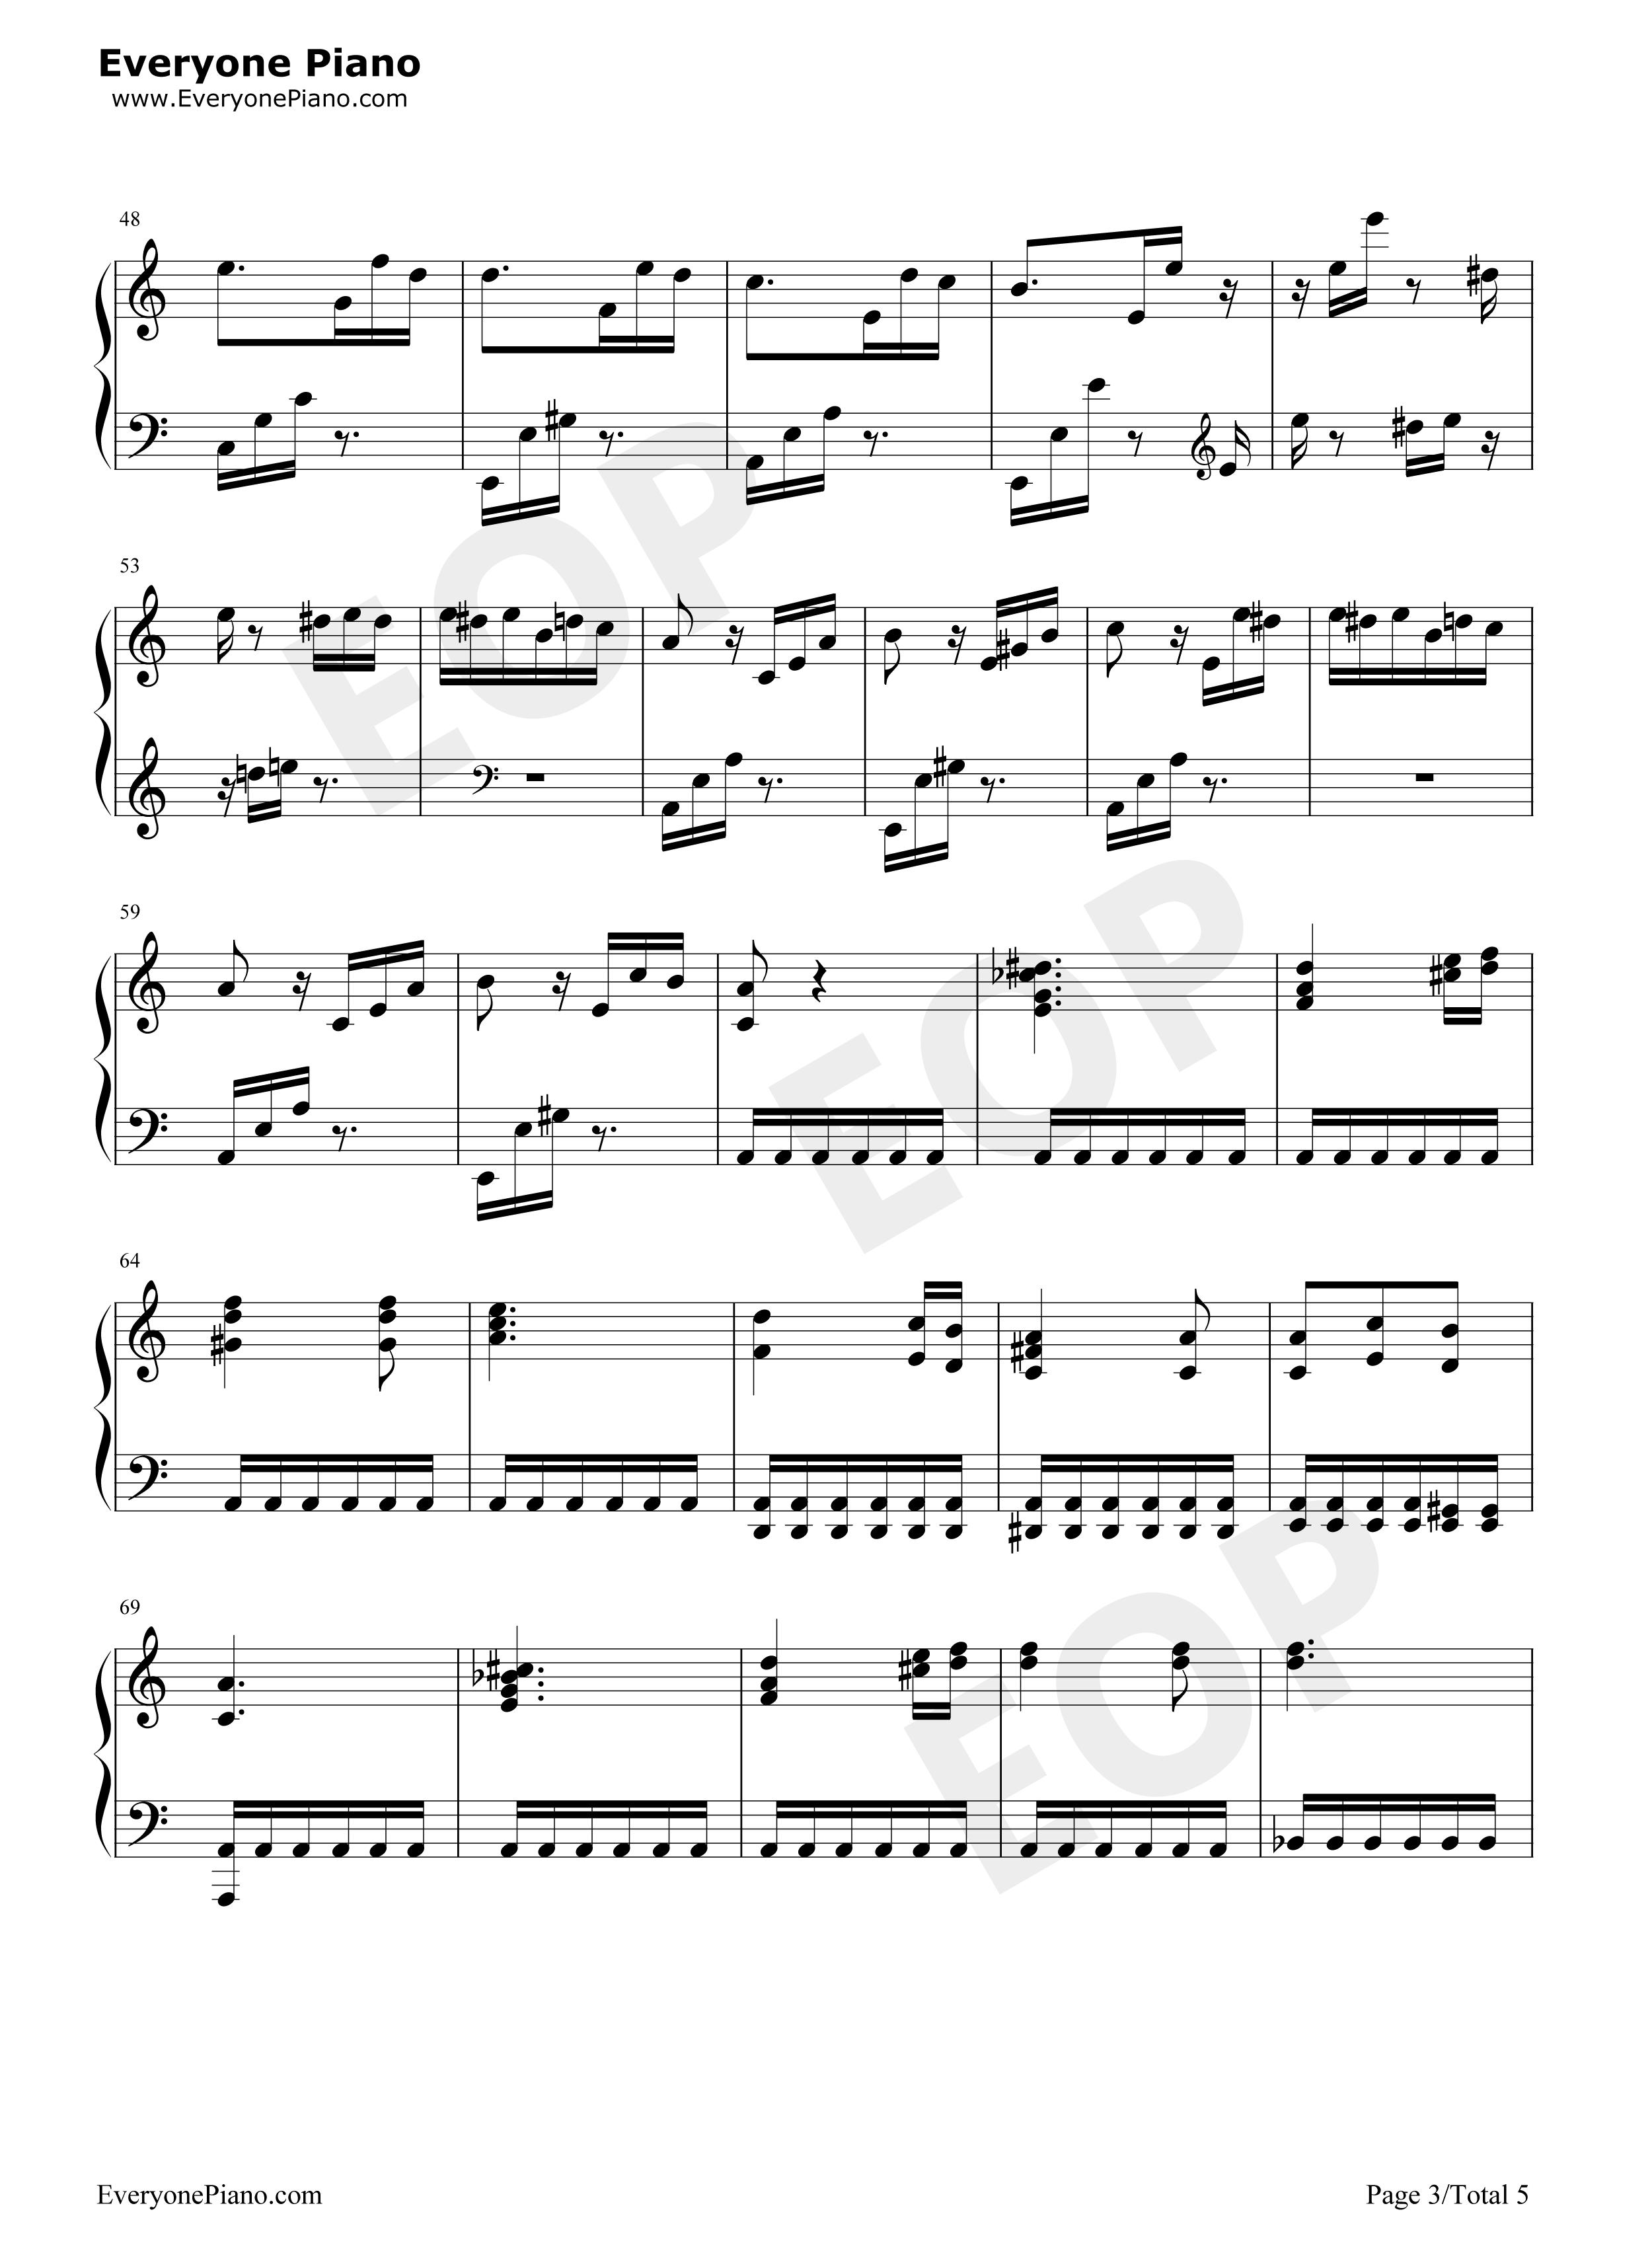 钢琴曲谱 经典 献给爱丽丝-致爱丽丝(für elise) 献给爱丽丝-致